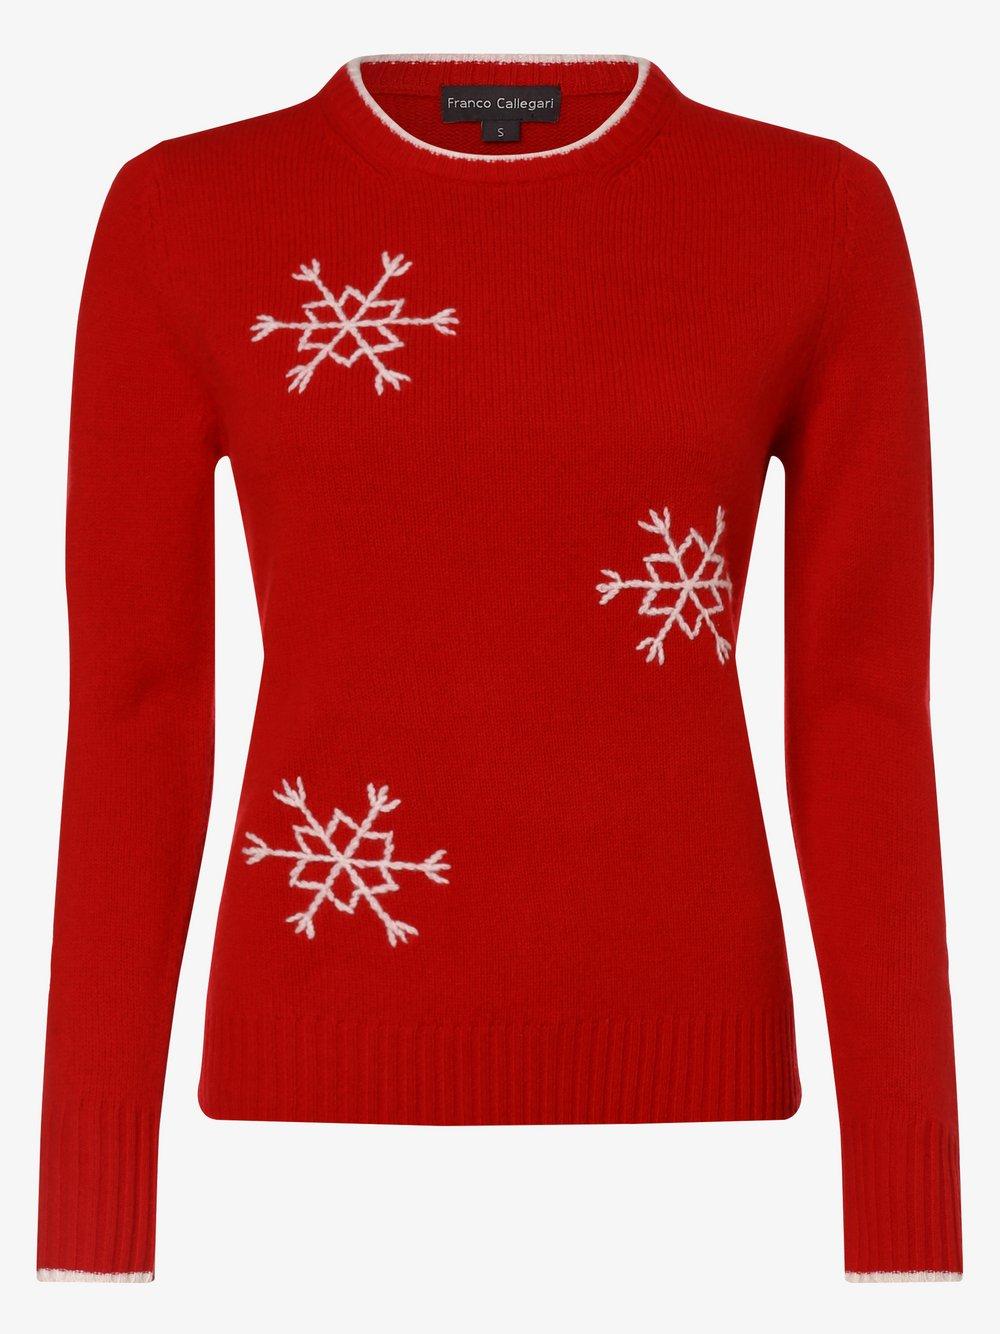 Franco Callegari - Sweter damski z domieszką wełny merino, czerwony